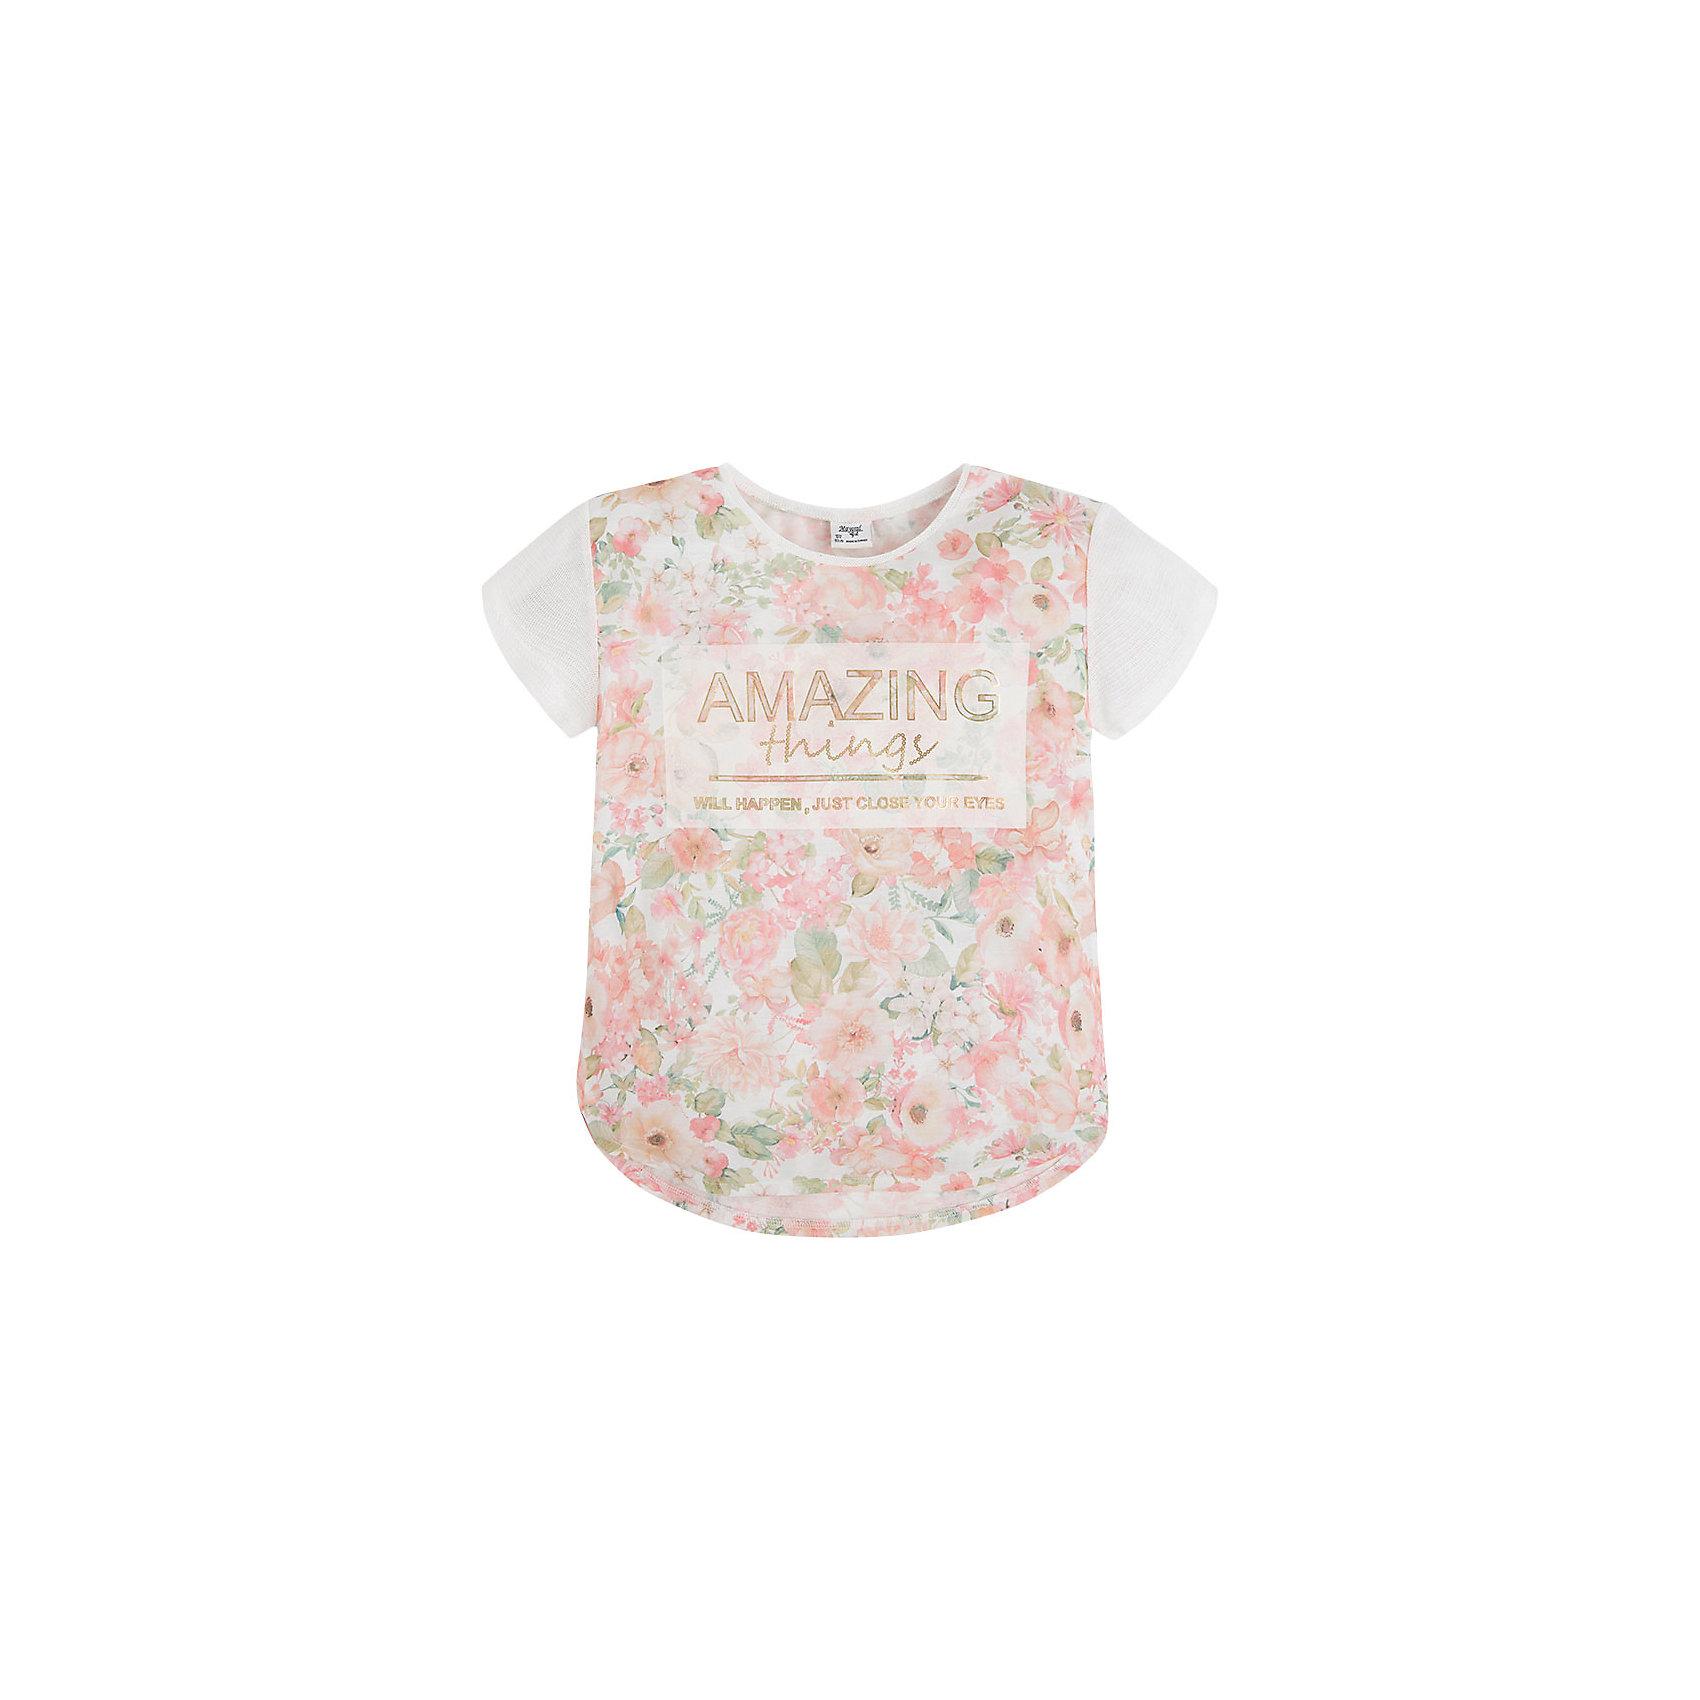 Футболка для девочки MayoralФутболка для девочки от известной испанской марки Mayoral - прекрасный вариант для юных модниц!<br><br>Дополнительная информация:<br><br>- Стильный дизайн.<br>- Округлый вырез горловины.<br>- Нежный принт.<br>- Состав: 100% полиэстер. <br><br>Футболку для девочки Mayoral (Майорал) можно купить в нашем магазине.<br><br>Ширина мм: 199<br>Глубина мм: 10<br>Высота мм: 161<br>Вес г: 151<br>Цвет: розовый<br>Возраст от месяцев: 84<br>Возраст до месяцев: 96<br>Пол: Женский<br>Возраст: Детский<br>Размер: 128,170,164,158,152,140<br>SKU: 4543306